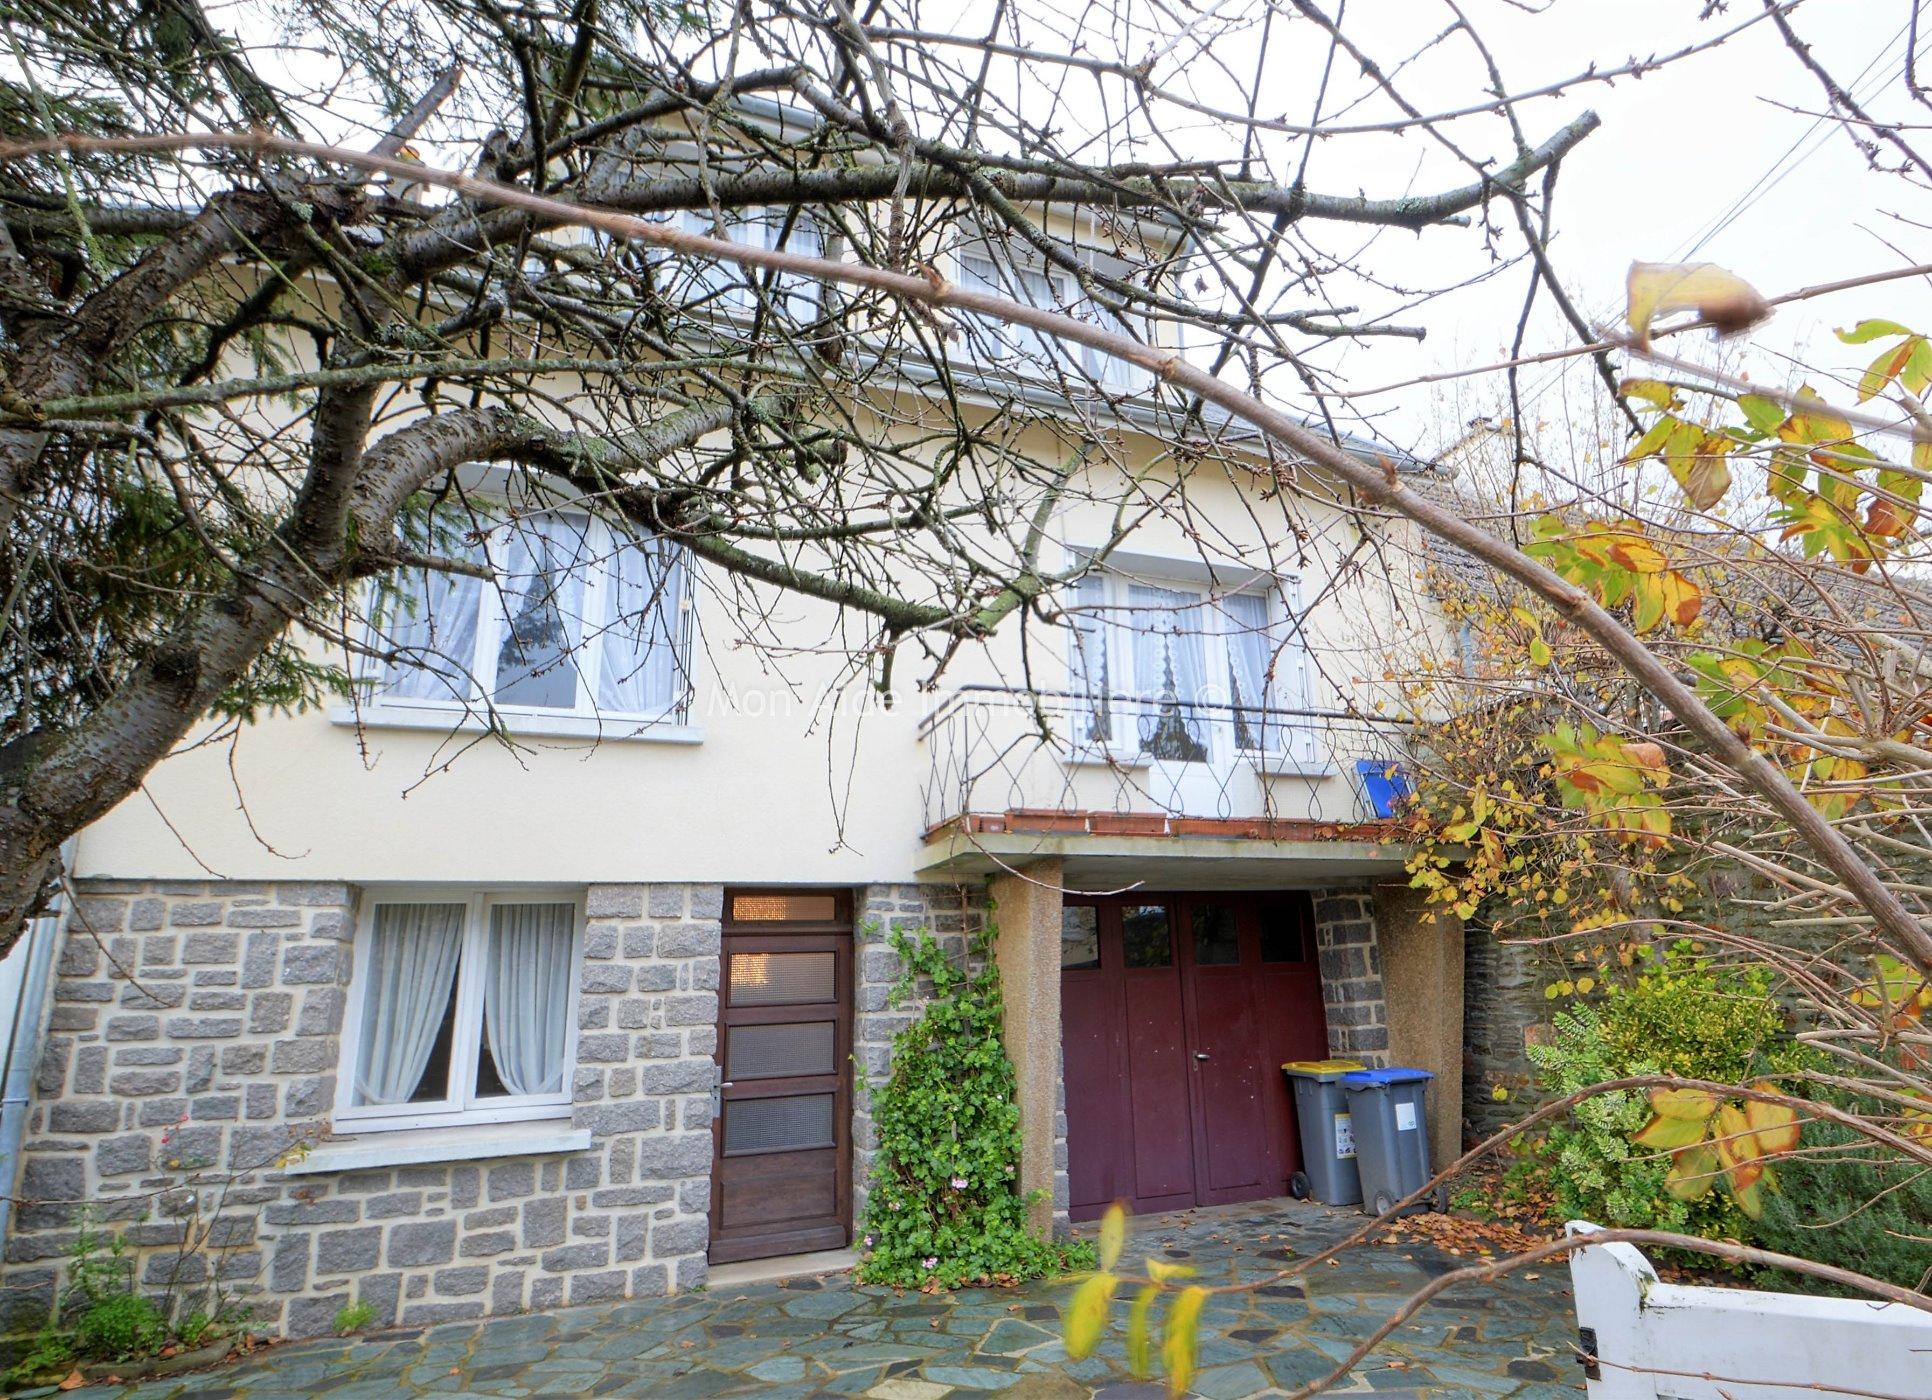 Annonce vente maison octeville 50130 130 m 145 000 for Annonce maison particulier